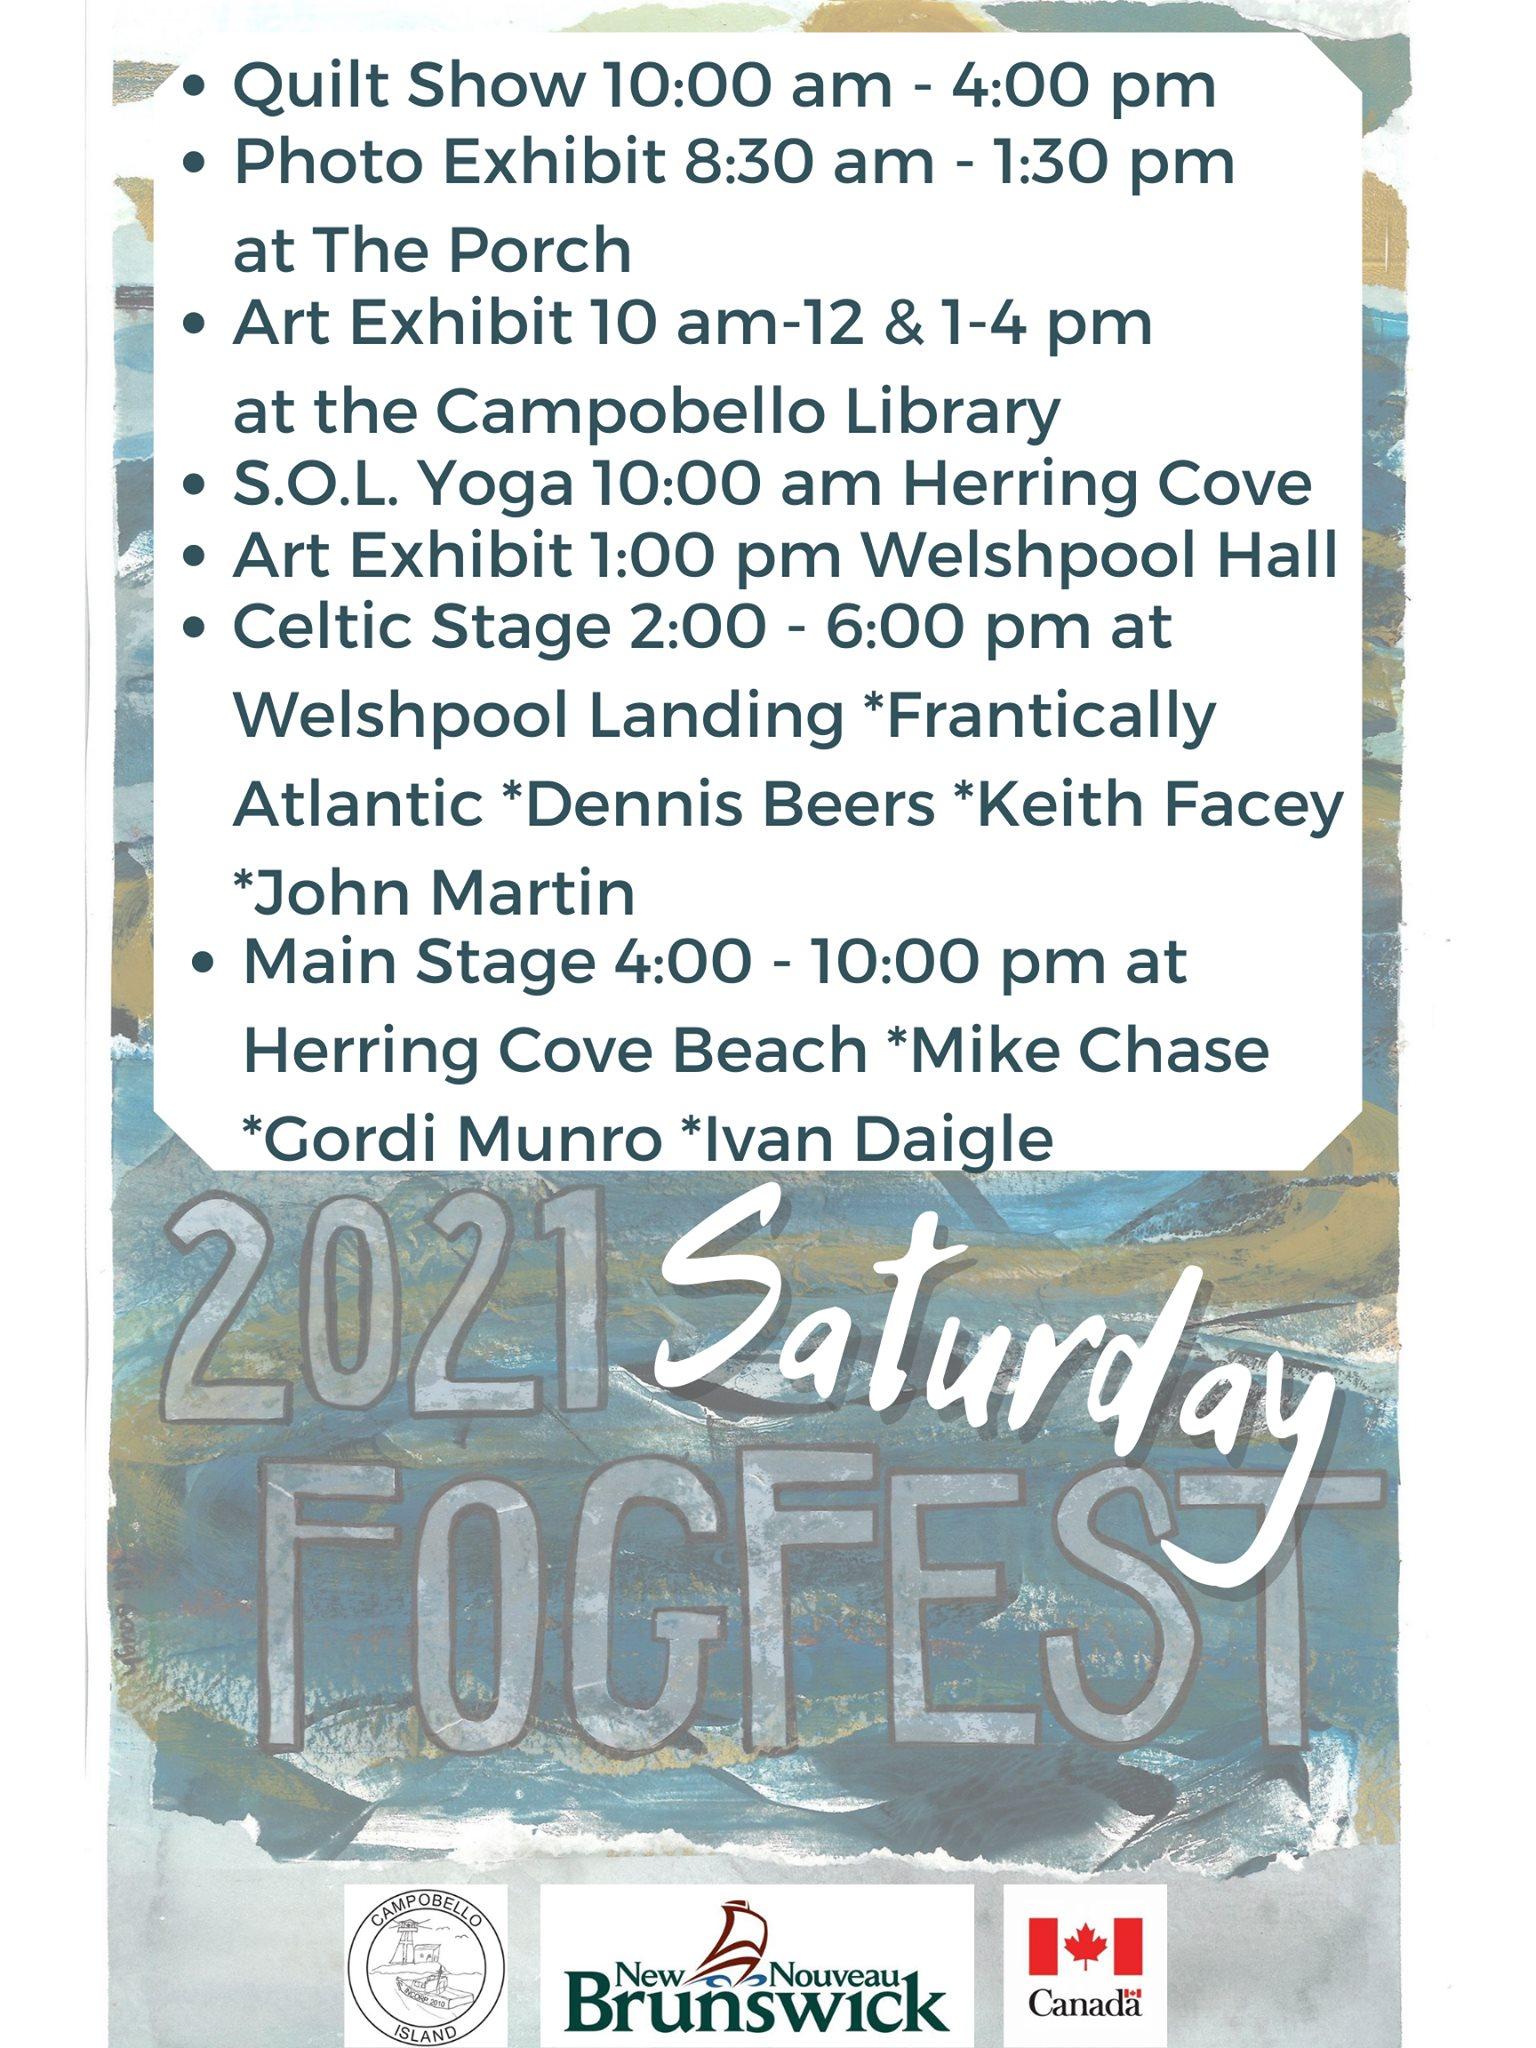 Fogfest - Saturday